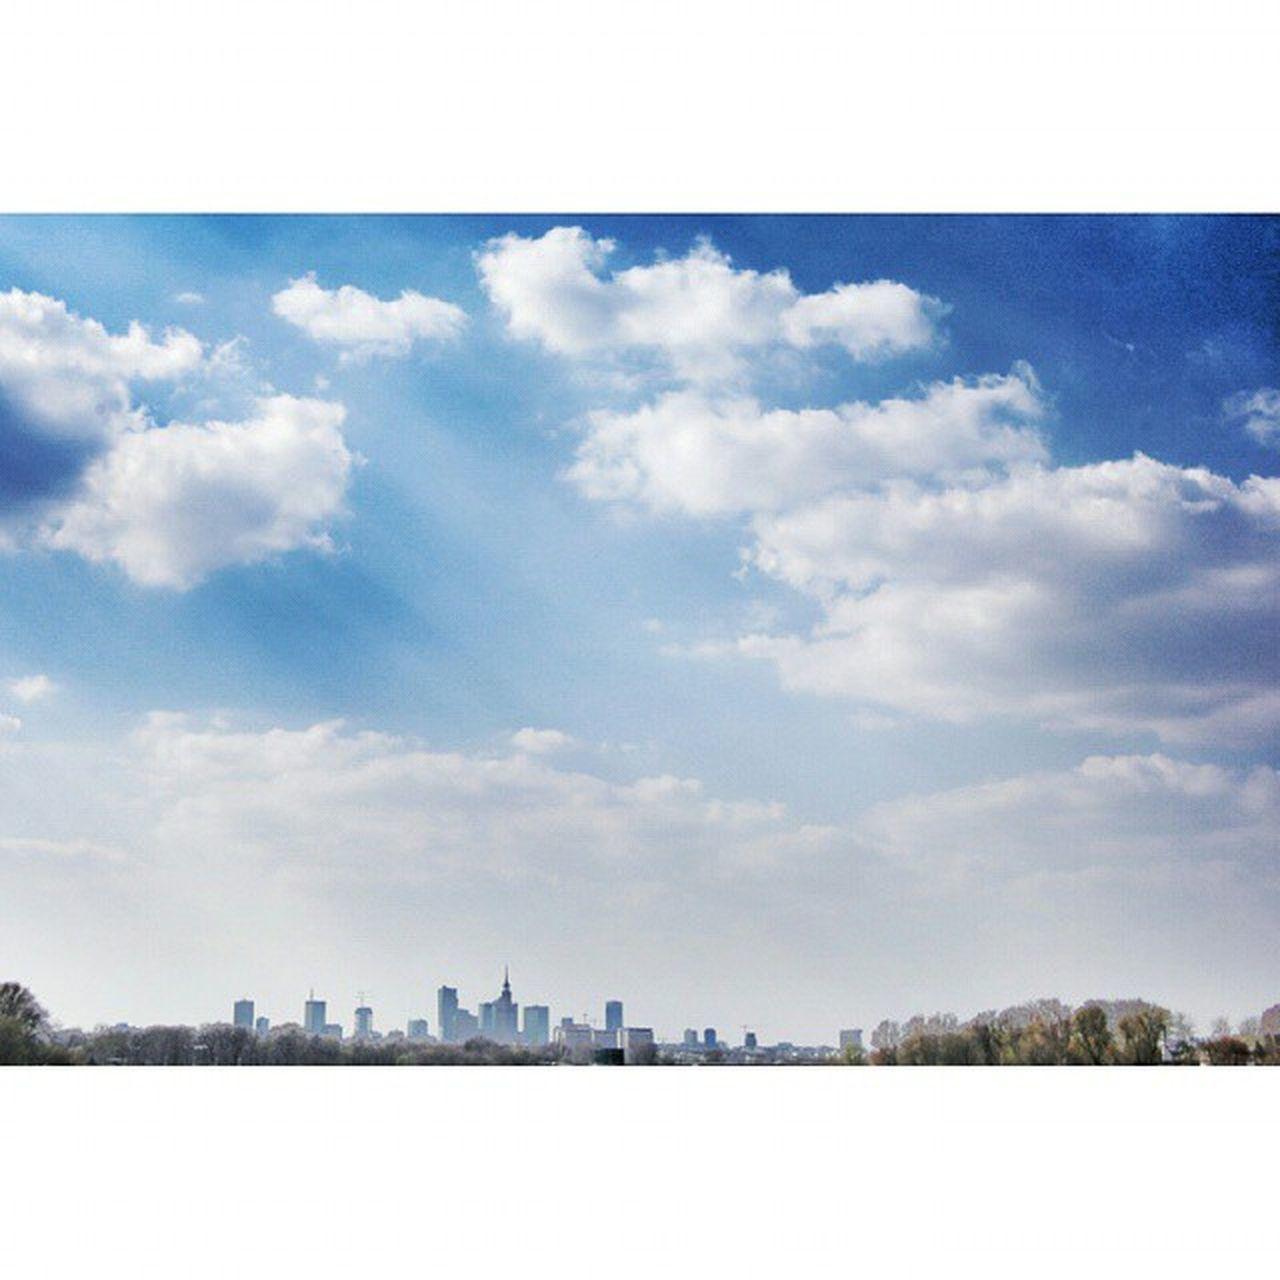 Warszawa  Warsaw Wwa Stolica Landscape Capitol Sky Bluesky Wisla Canon Gtcreate